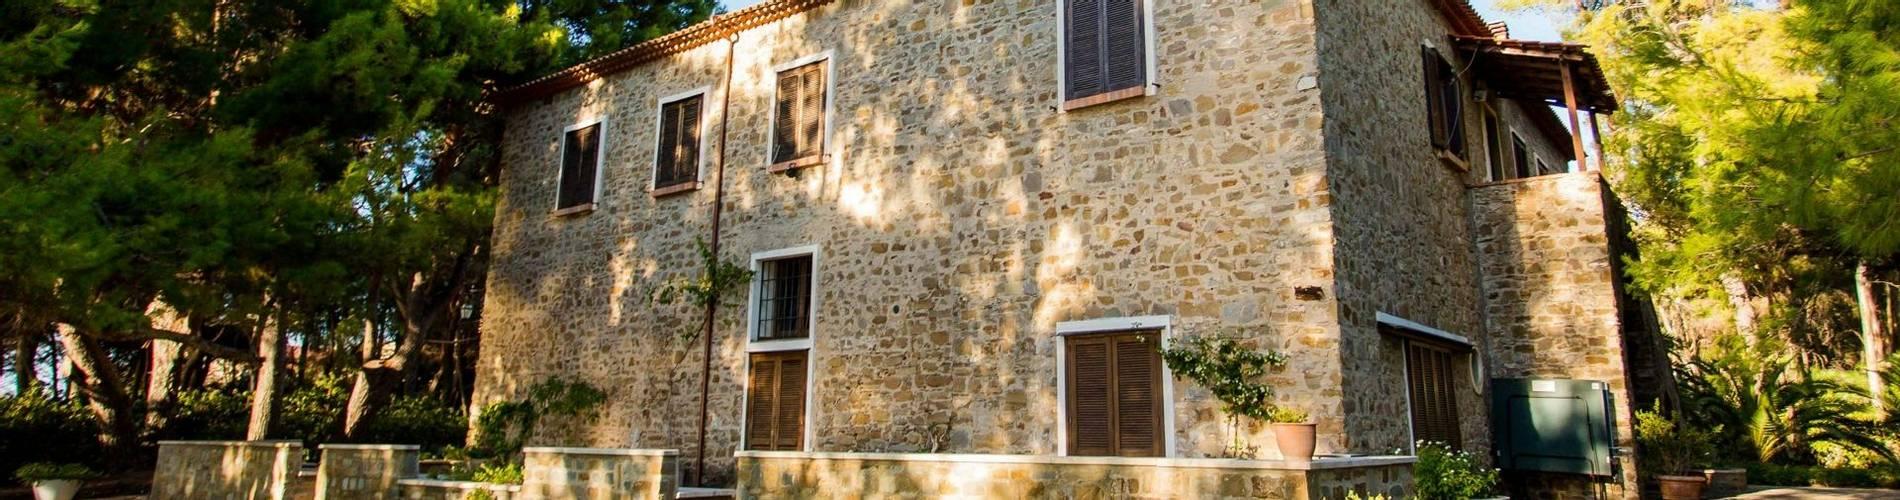 Villa Sirena 25.jpg